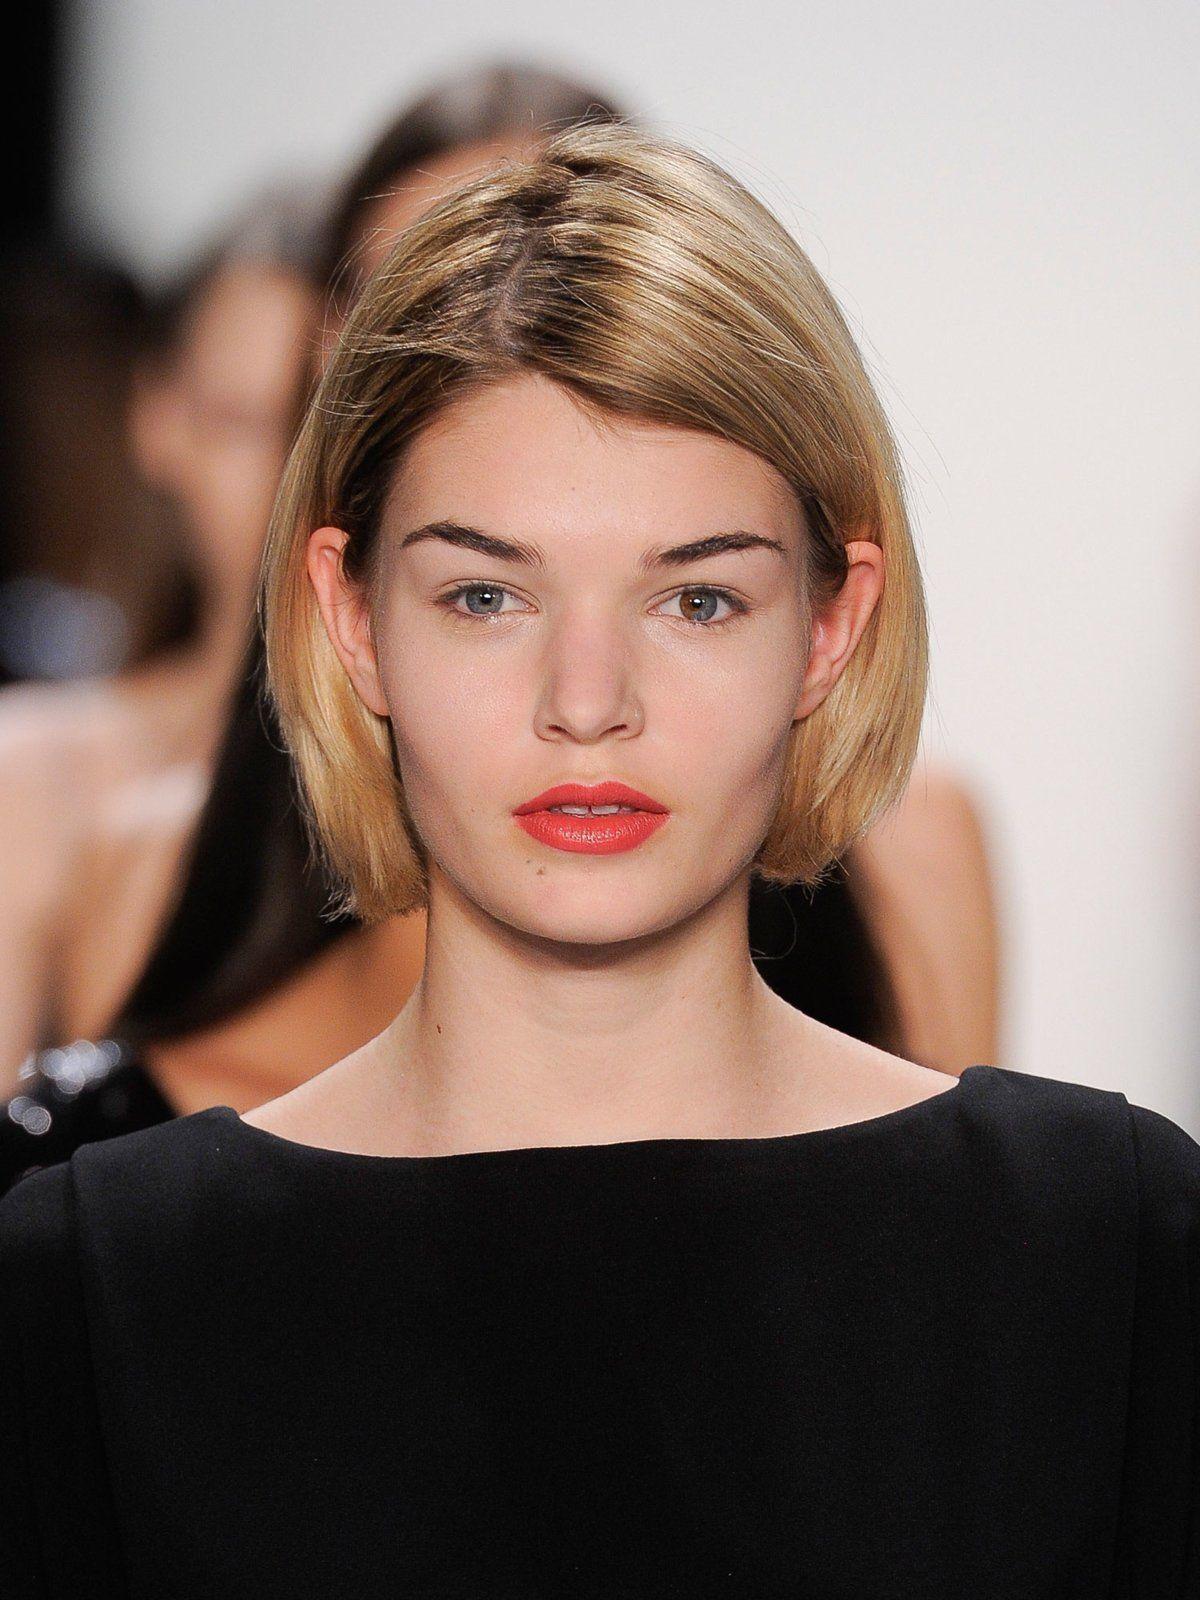 Germany S Next Topmodel 2012 Gewinnerin Luisa Hartema Tragt Nun Schon Seit Dem Gefurchteten Umstyling Ihre Haare Luisa Hartema Germanys Next Topmodel Frisuren